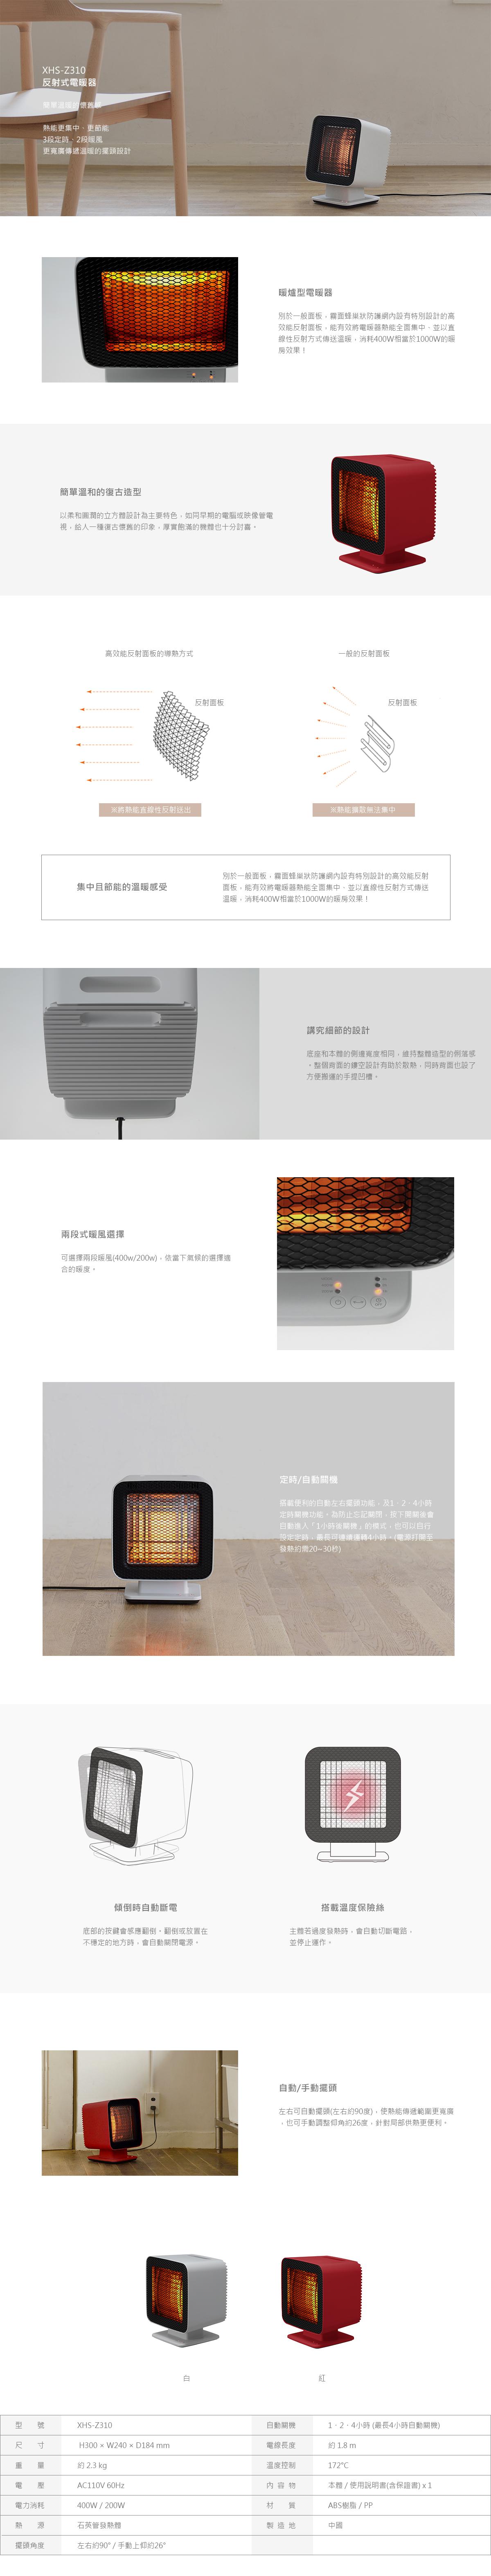 無線吸塵器(白色)+電暖器+空氣清淨機